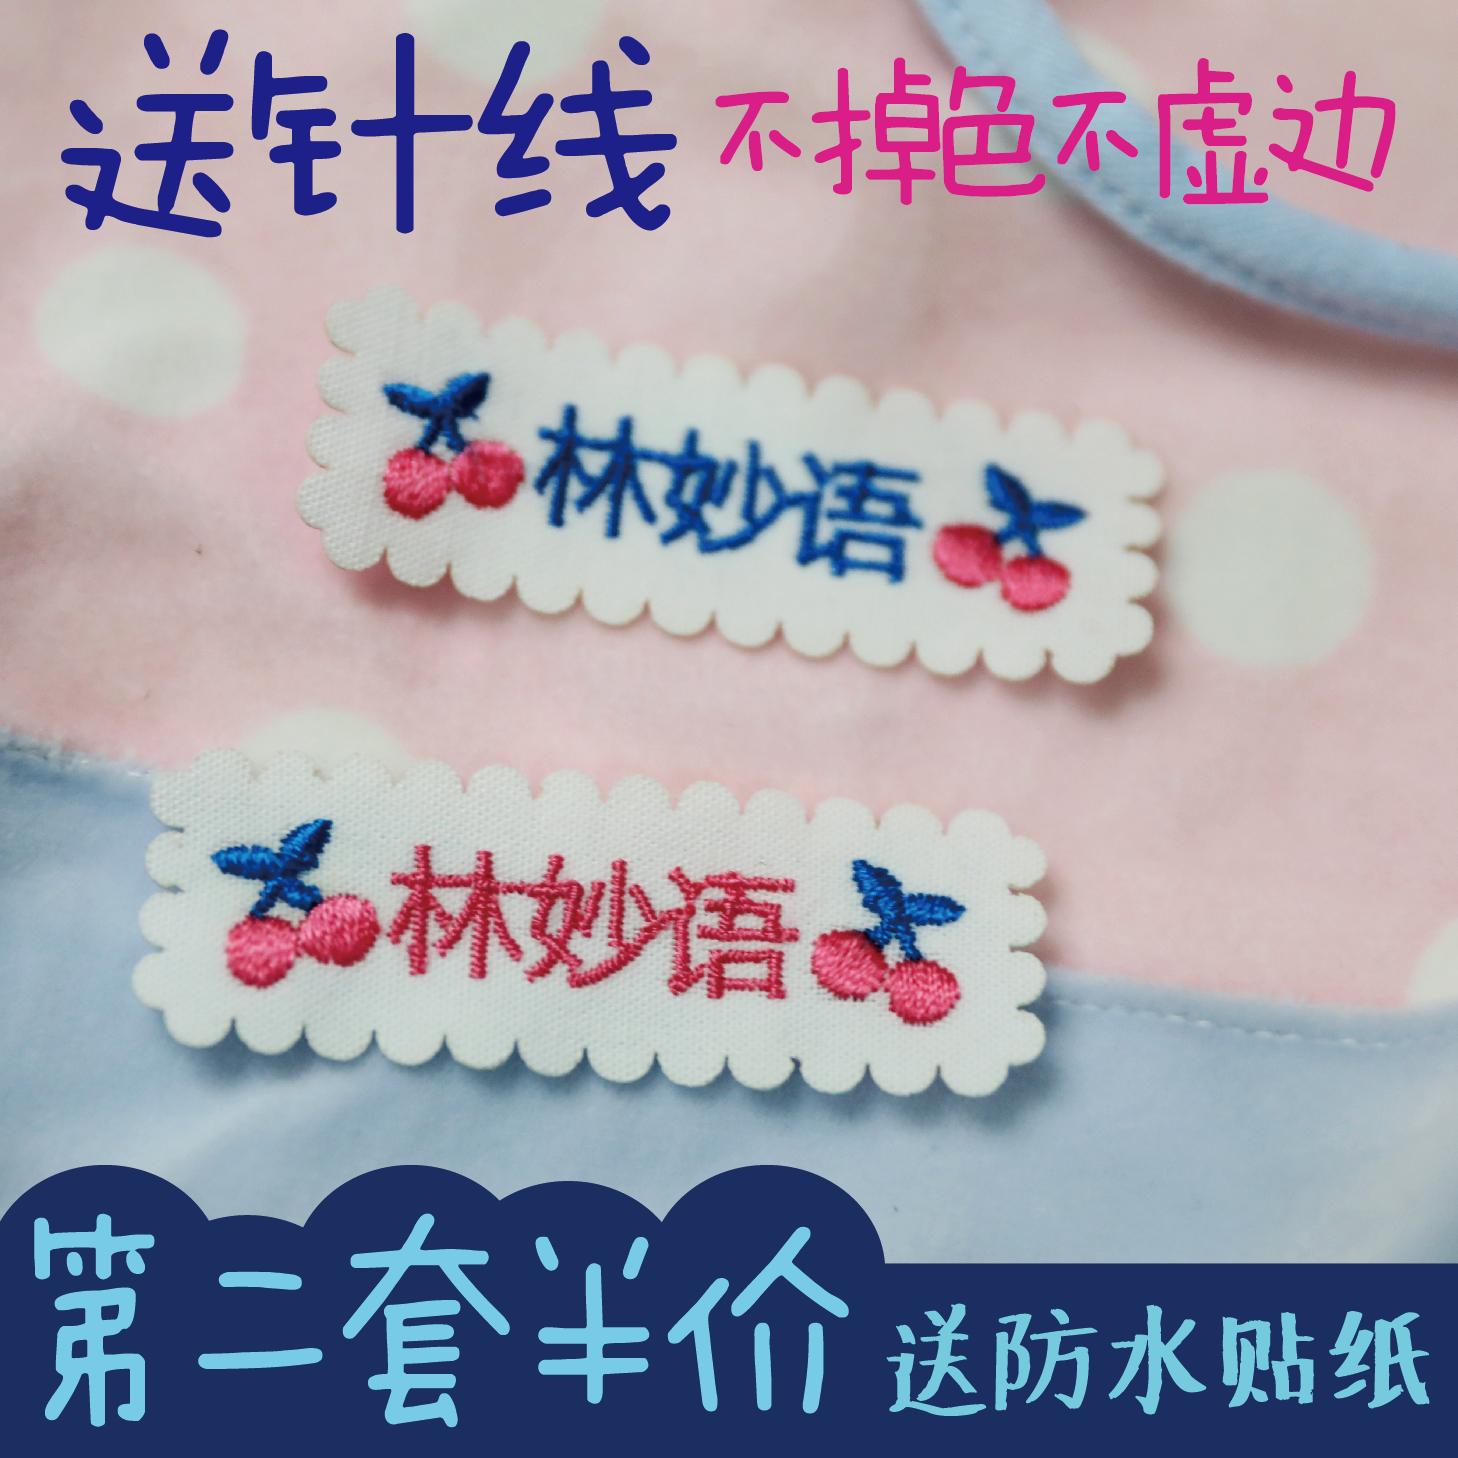 幼儿园名字姓名贴宝宝名字贴刺绣 名字条布手工可缝标贴10个一套